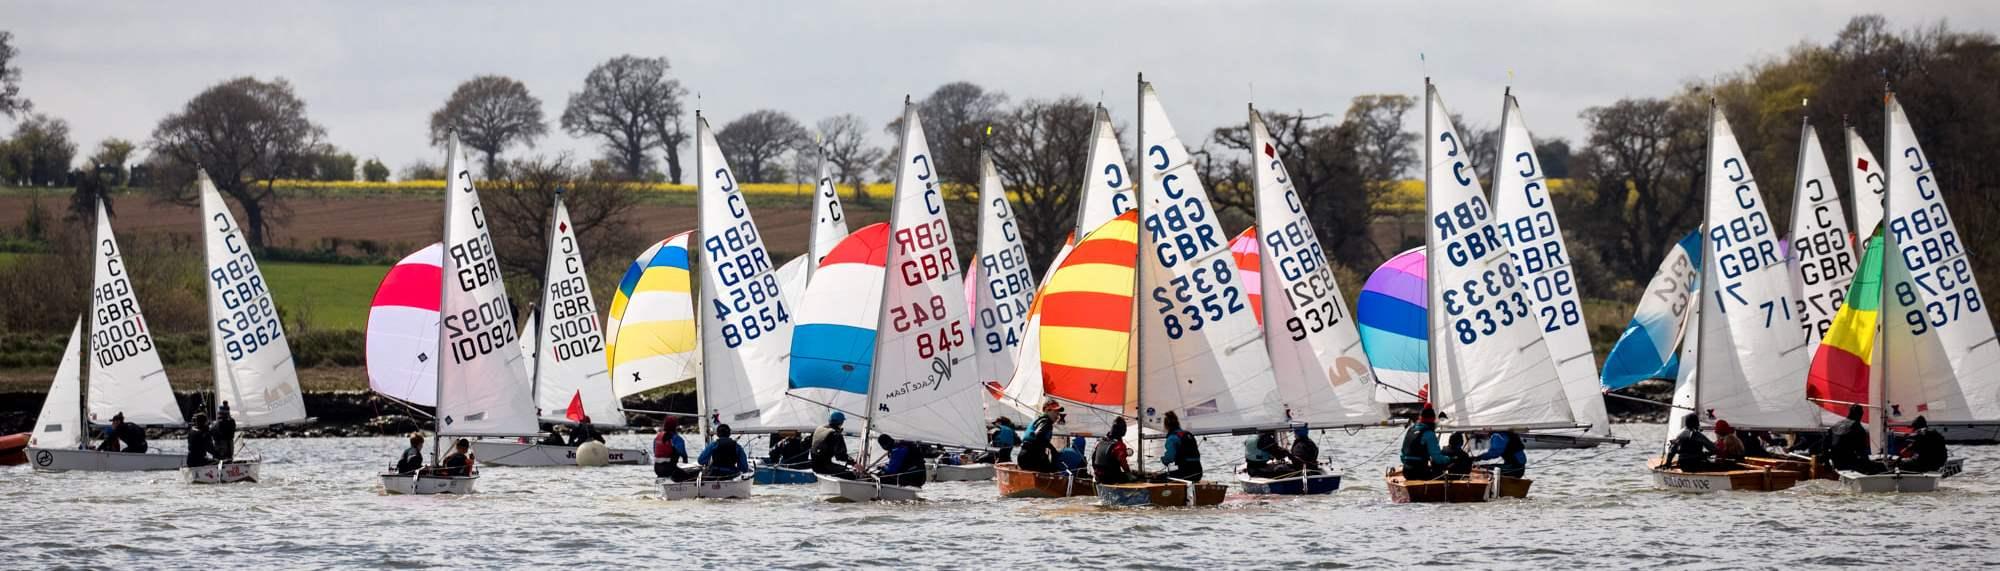 Waldringfield-Sailing-Club-Cadets-Sailing